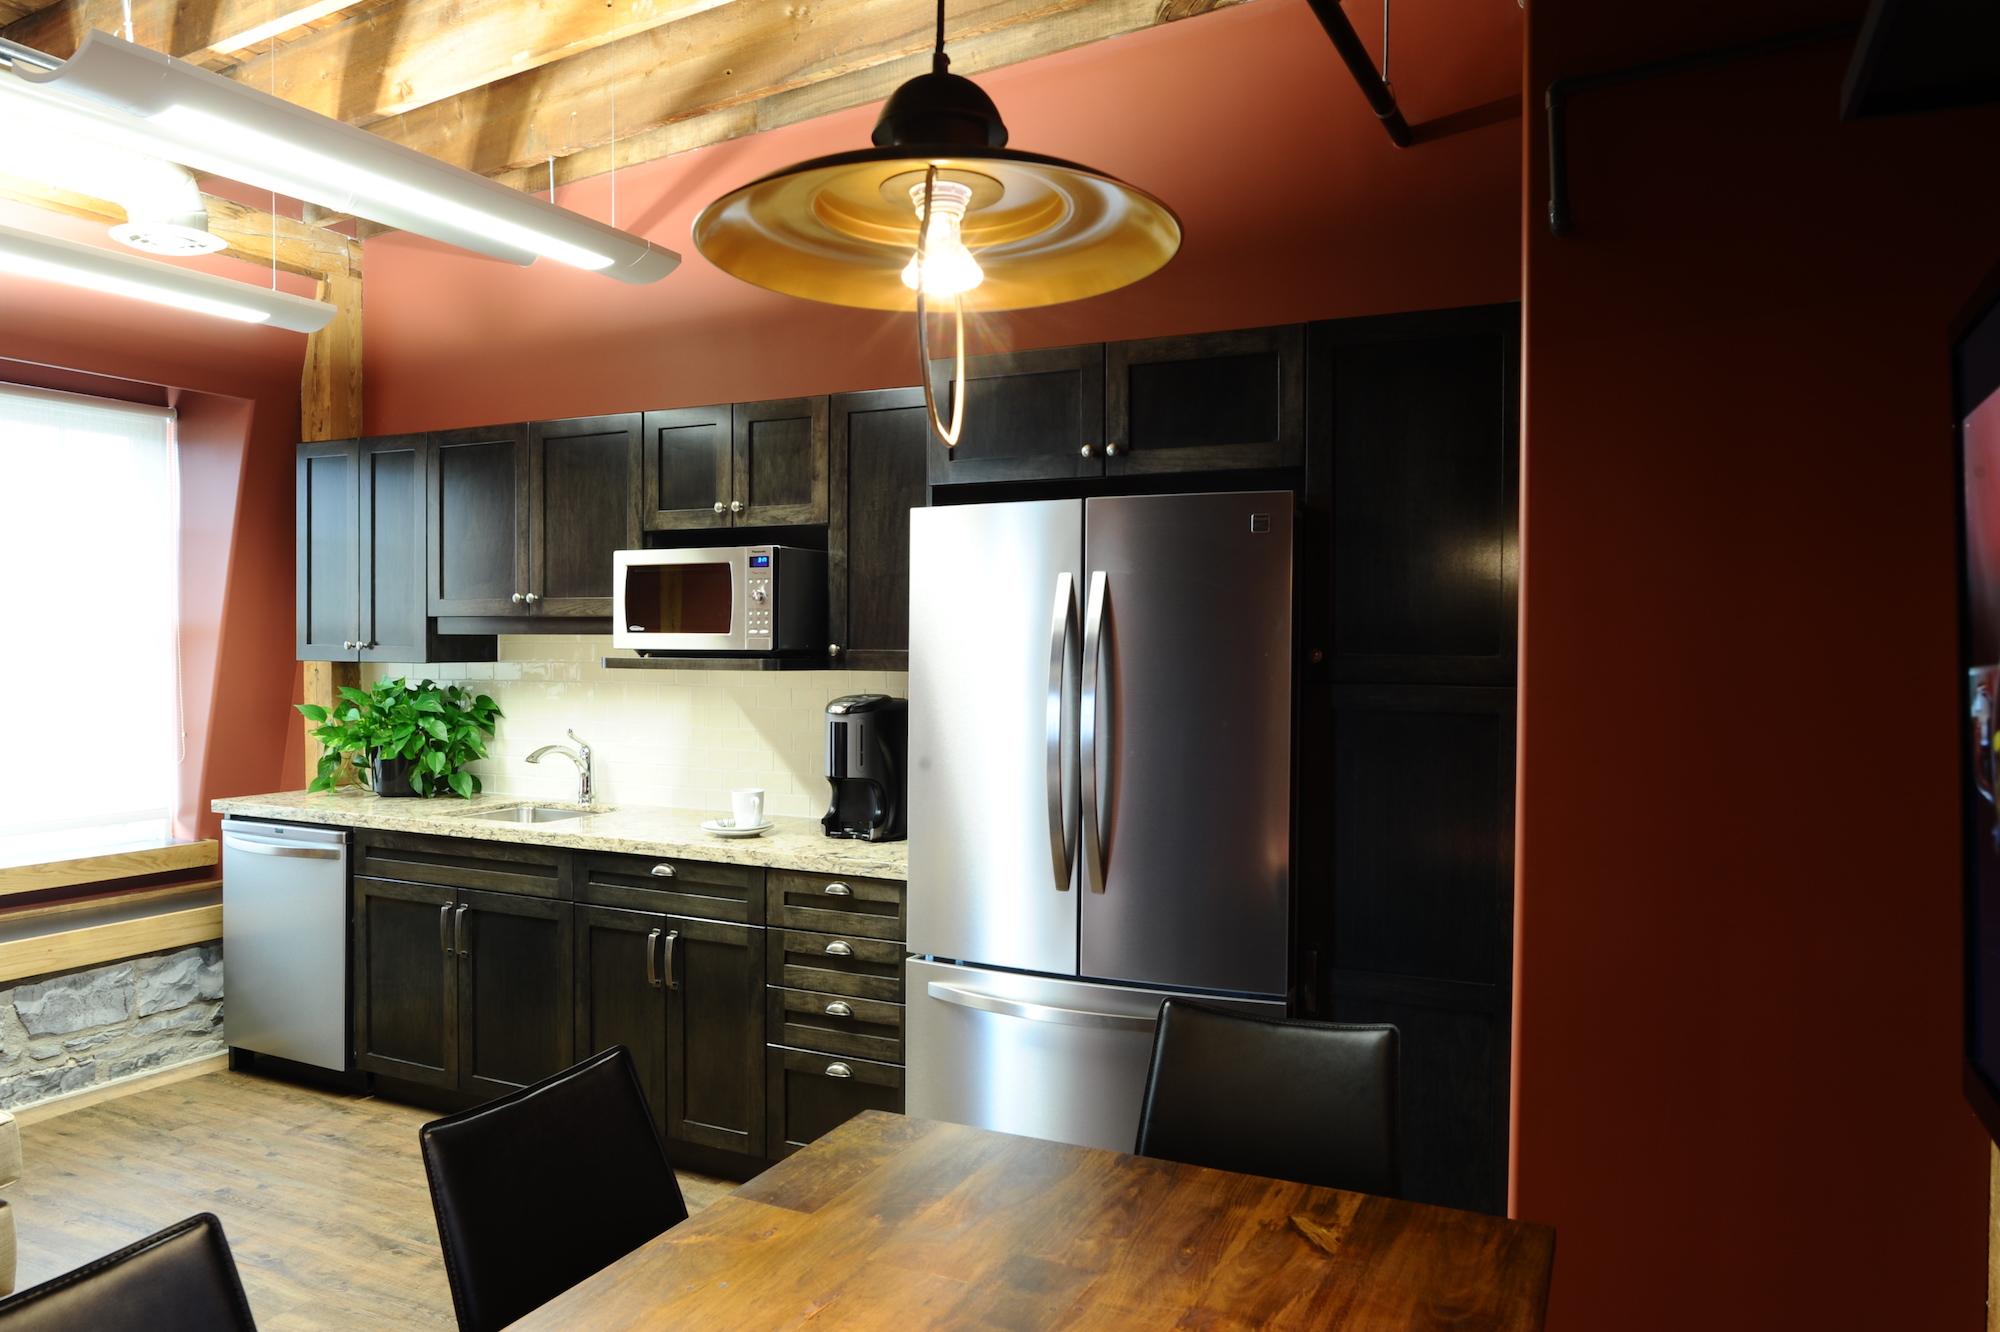 9 Office Kitchen 2.JPG